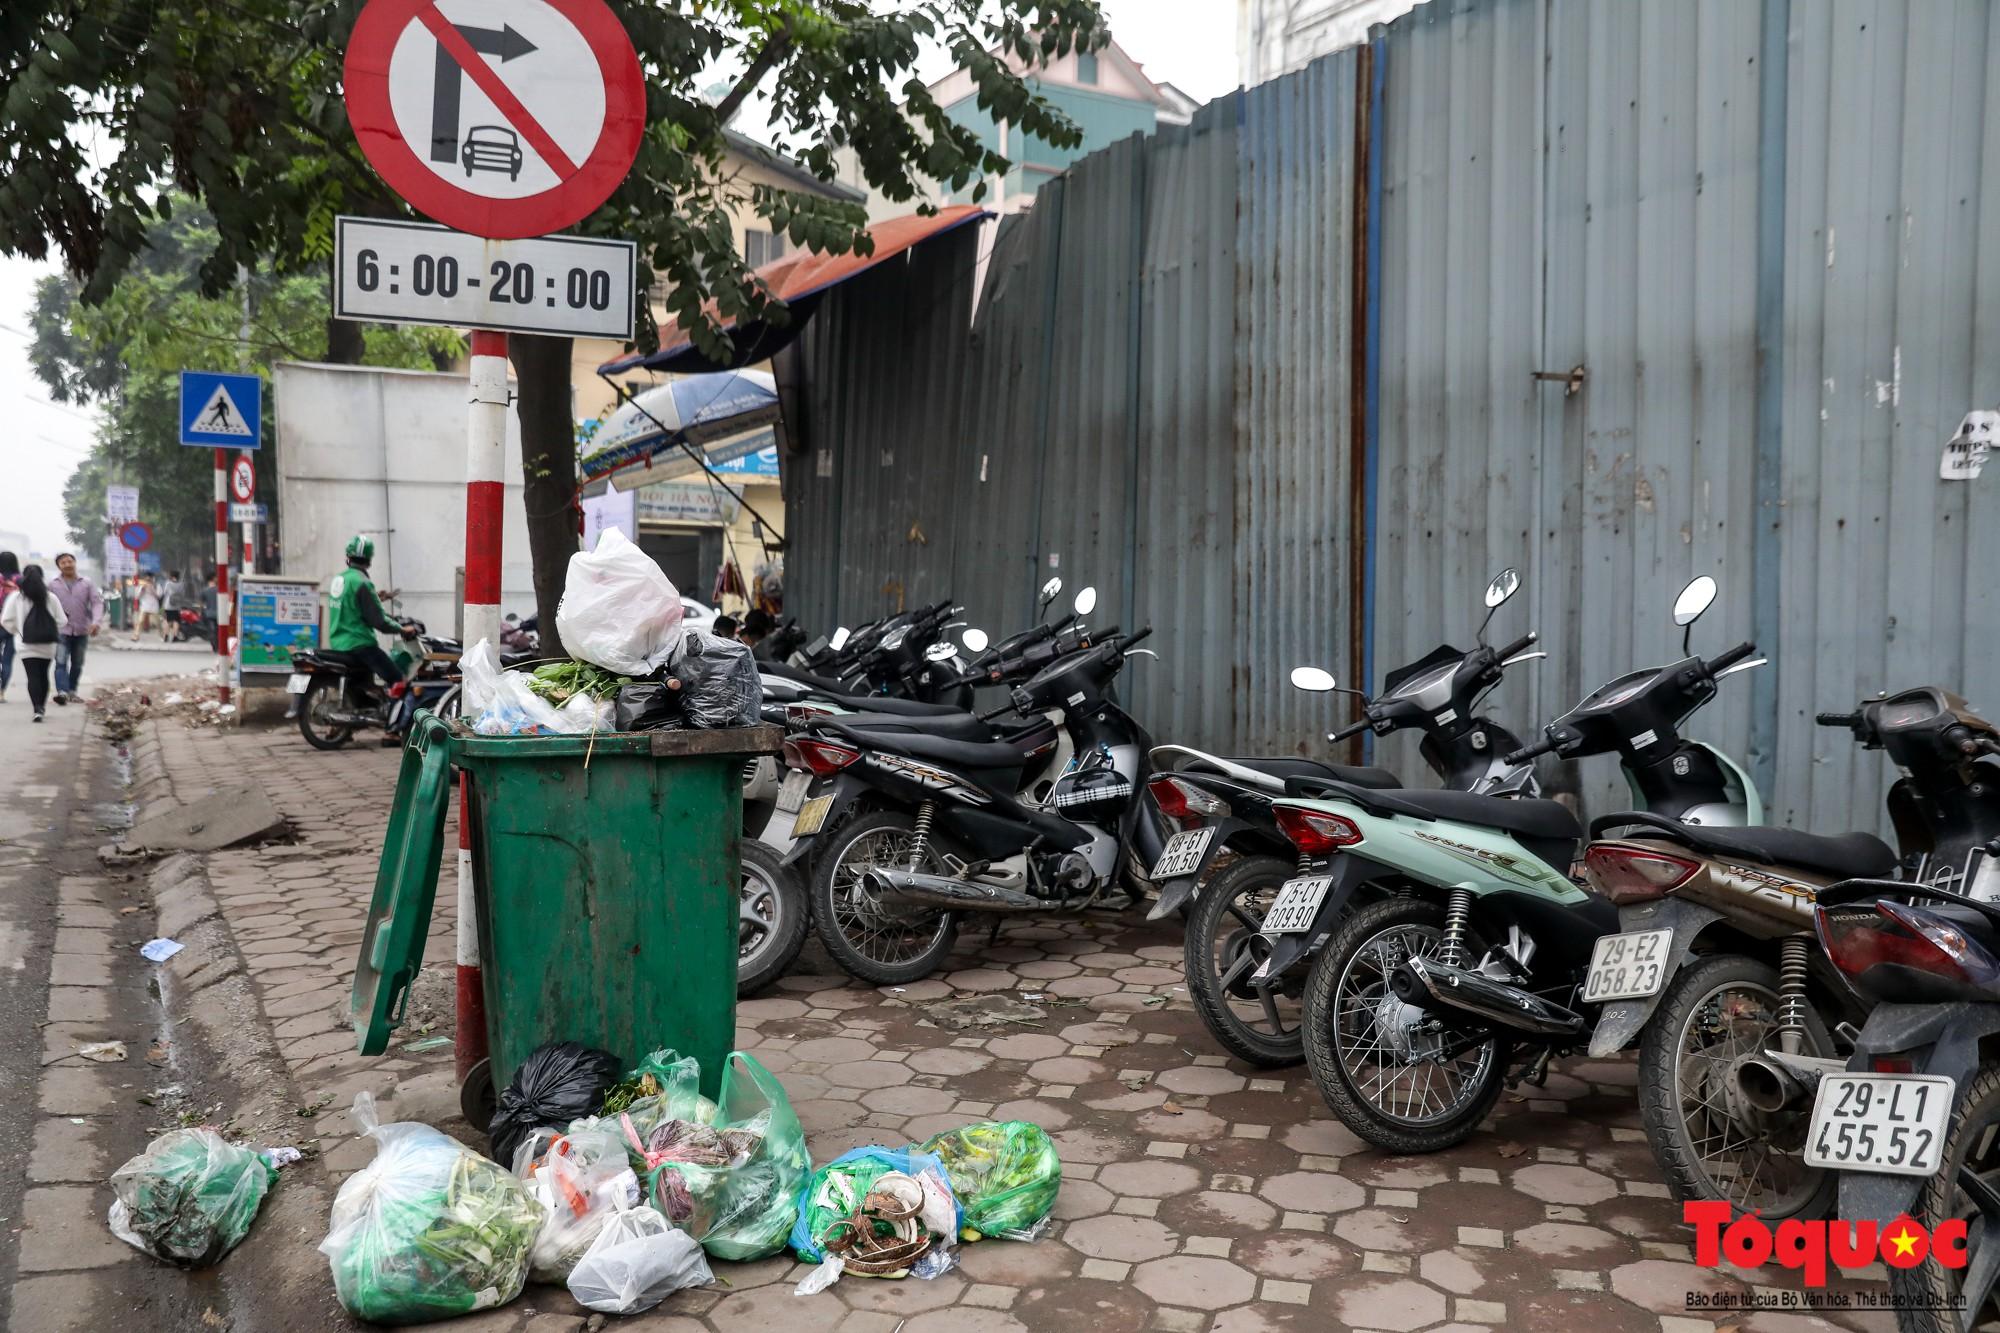 Nhìn những hình ảnh này mới thấy đề xuất cấm xe máy 6 tuyến phố Hà Nội là vô cảm với người dân nghèo - Ảnh 15.